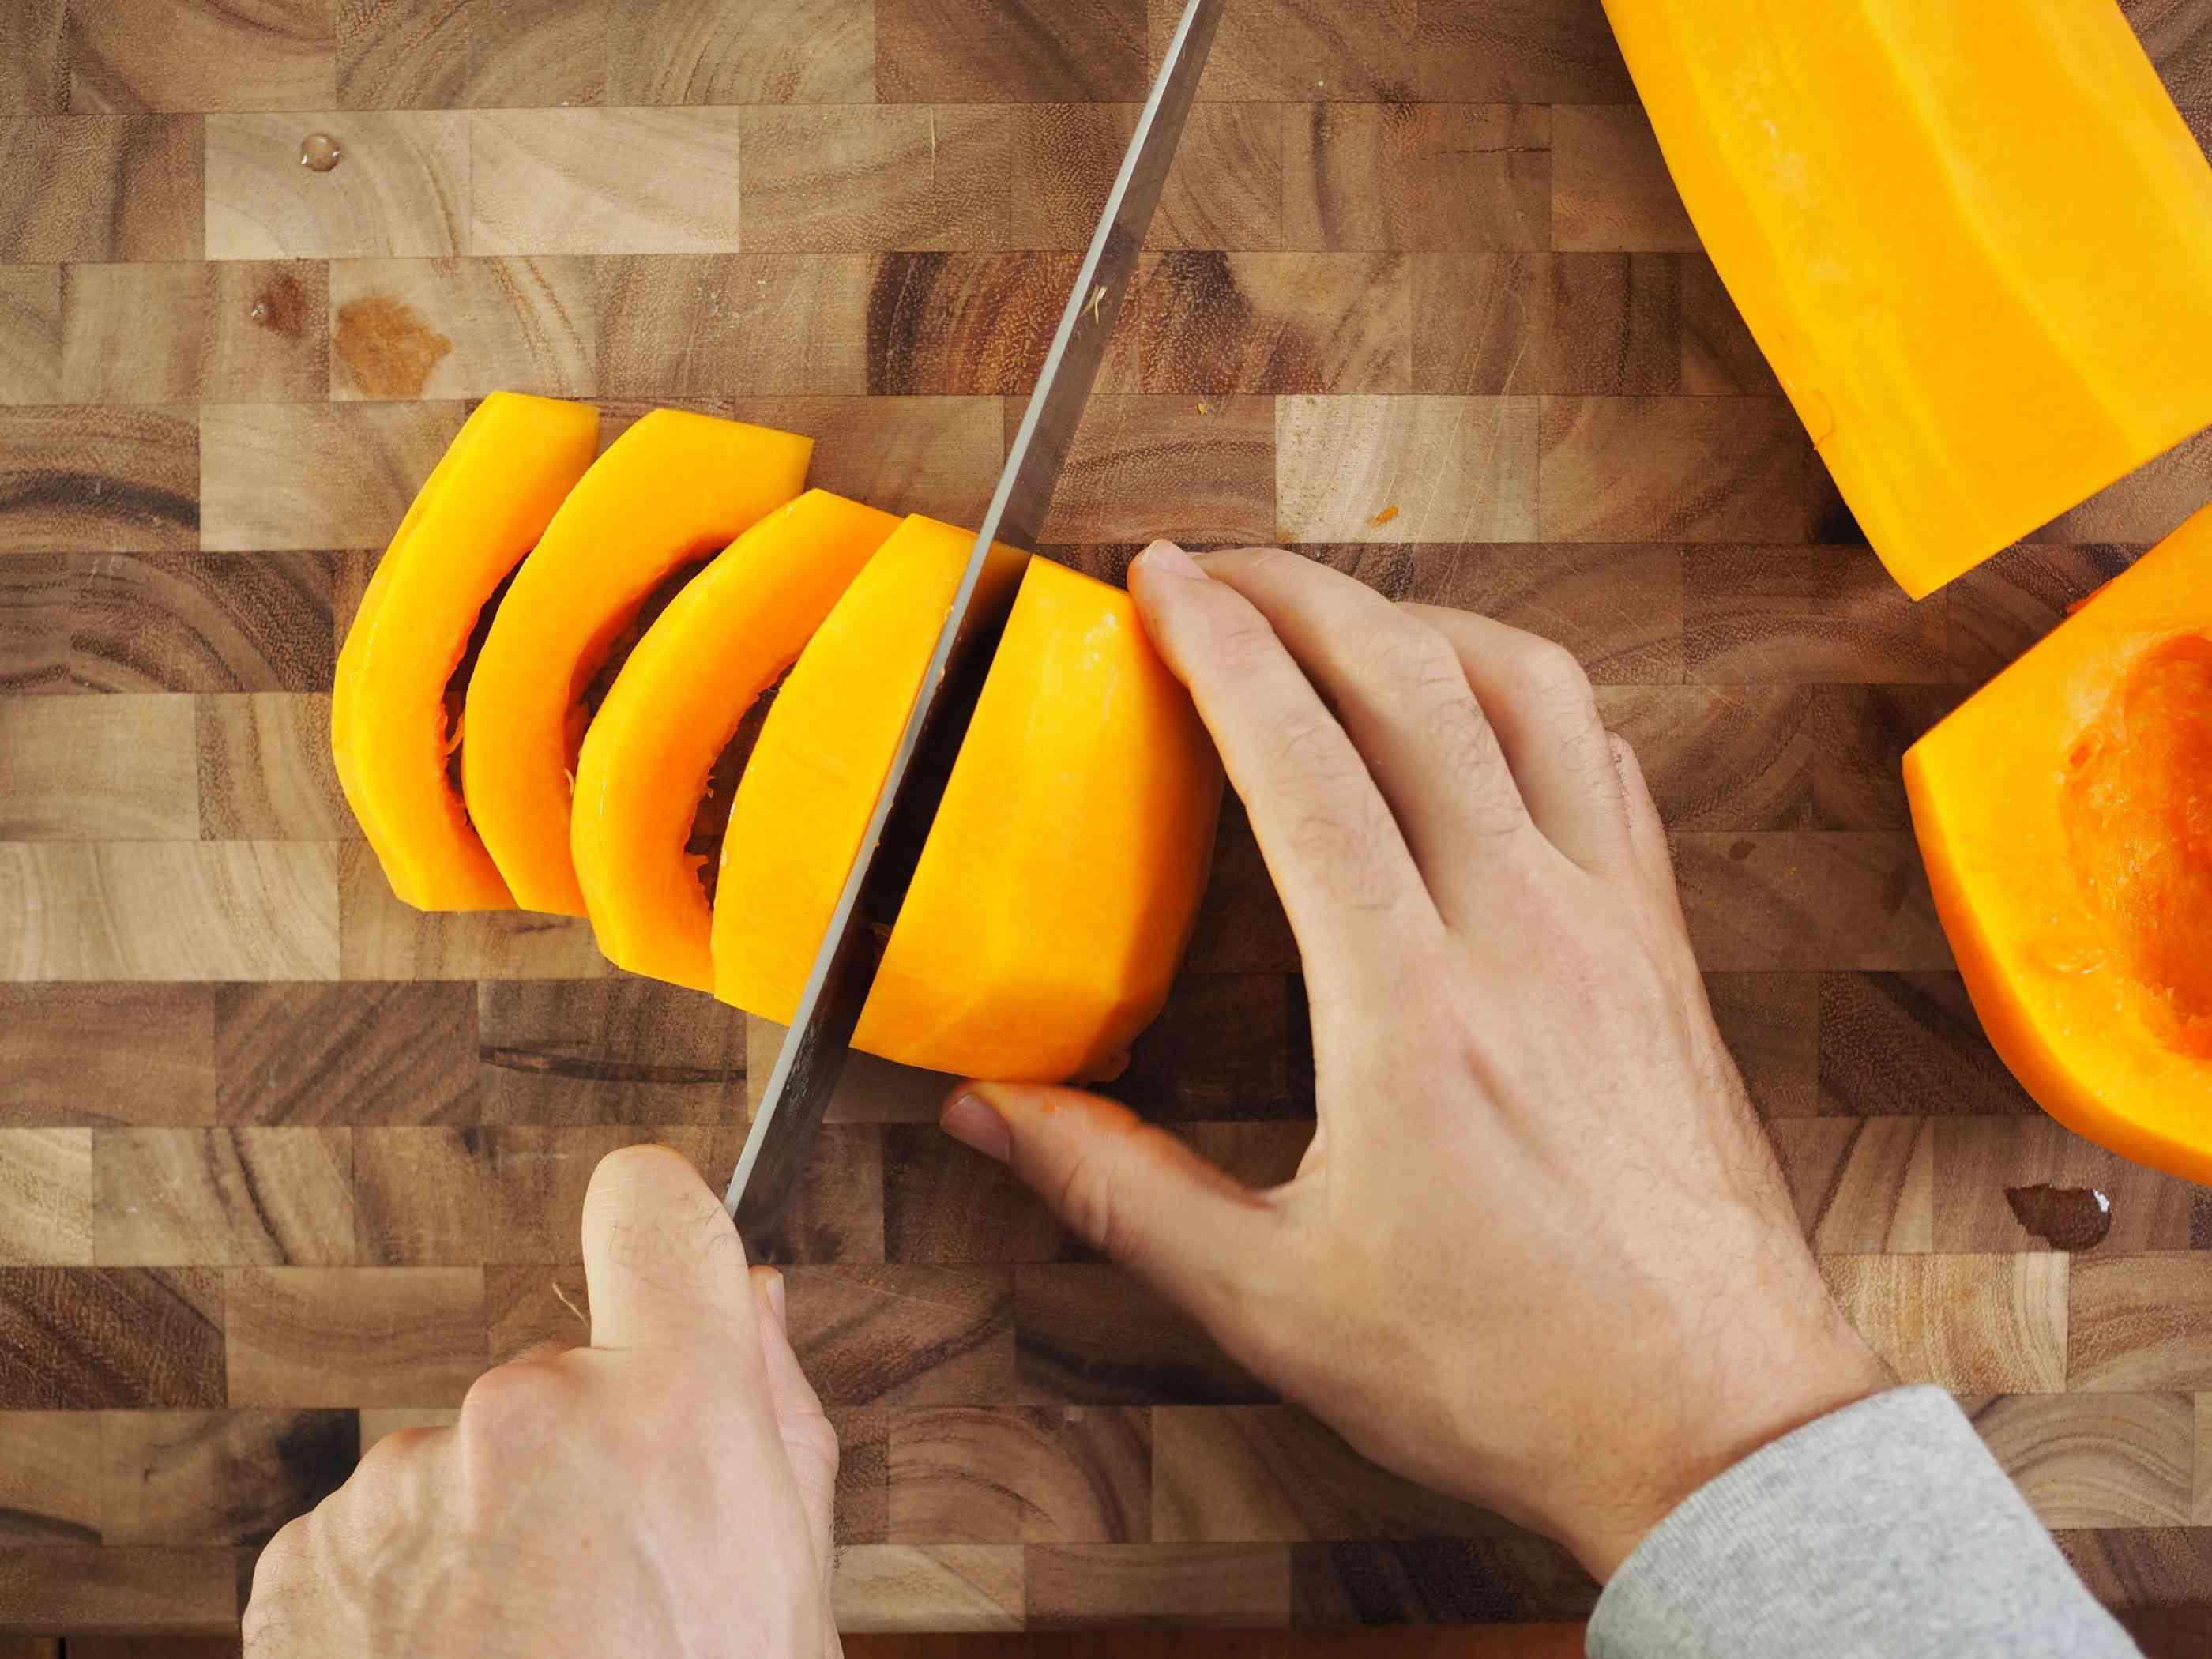 20141008-knife-skills-butternut-squash-daniel-gritzer19.jpg